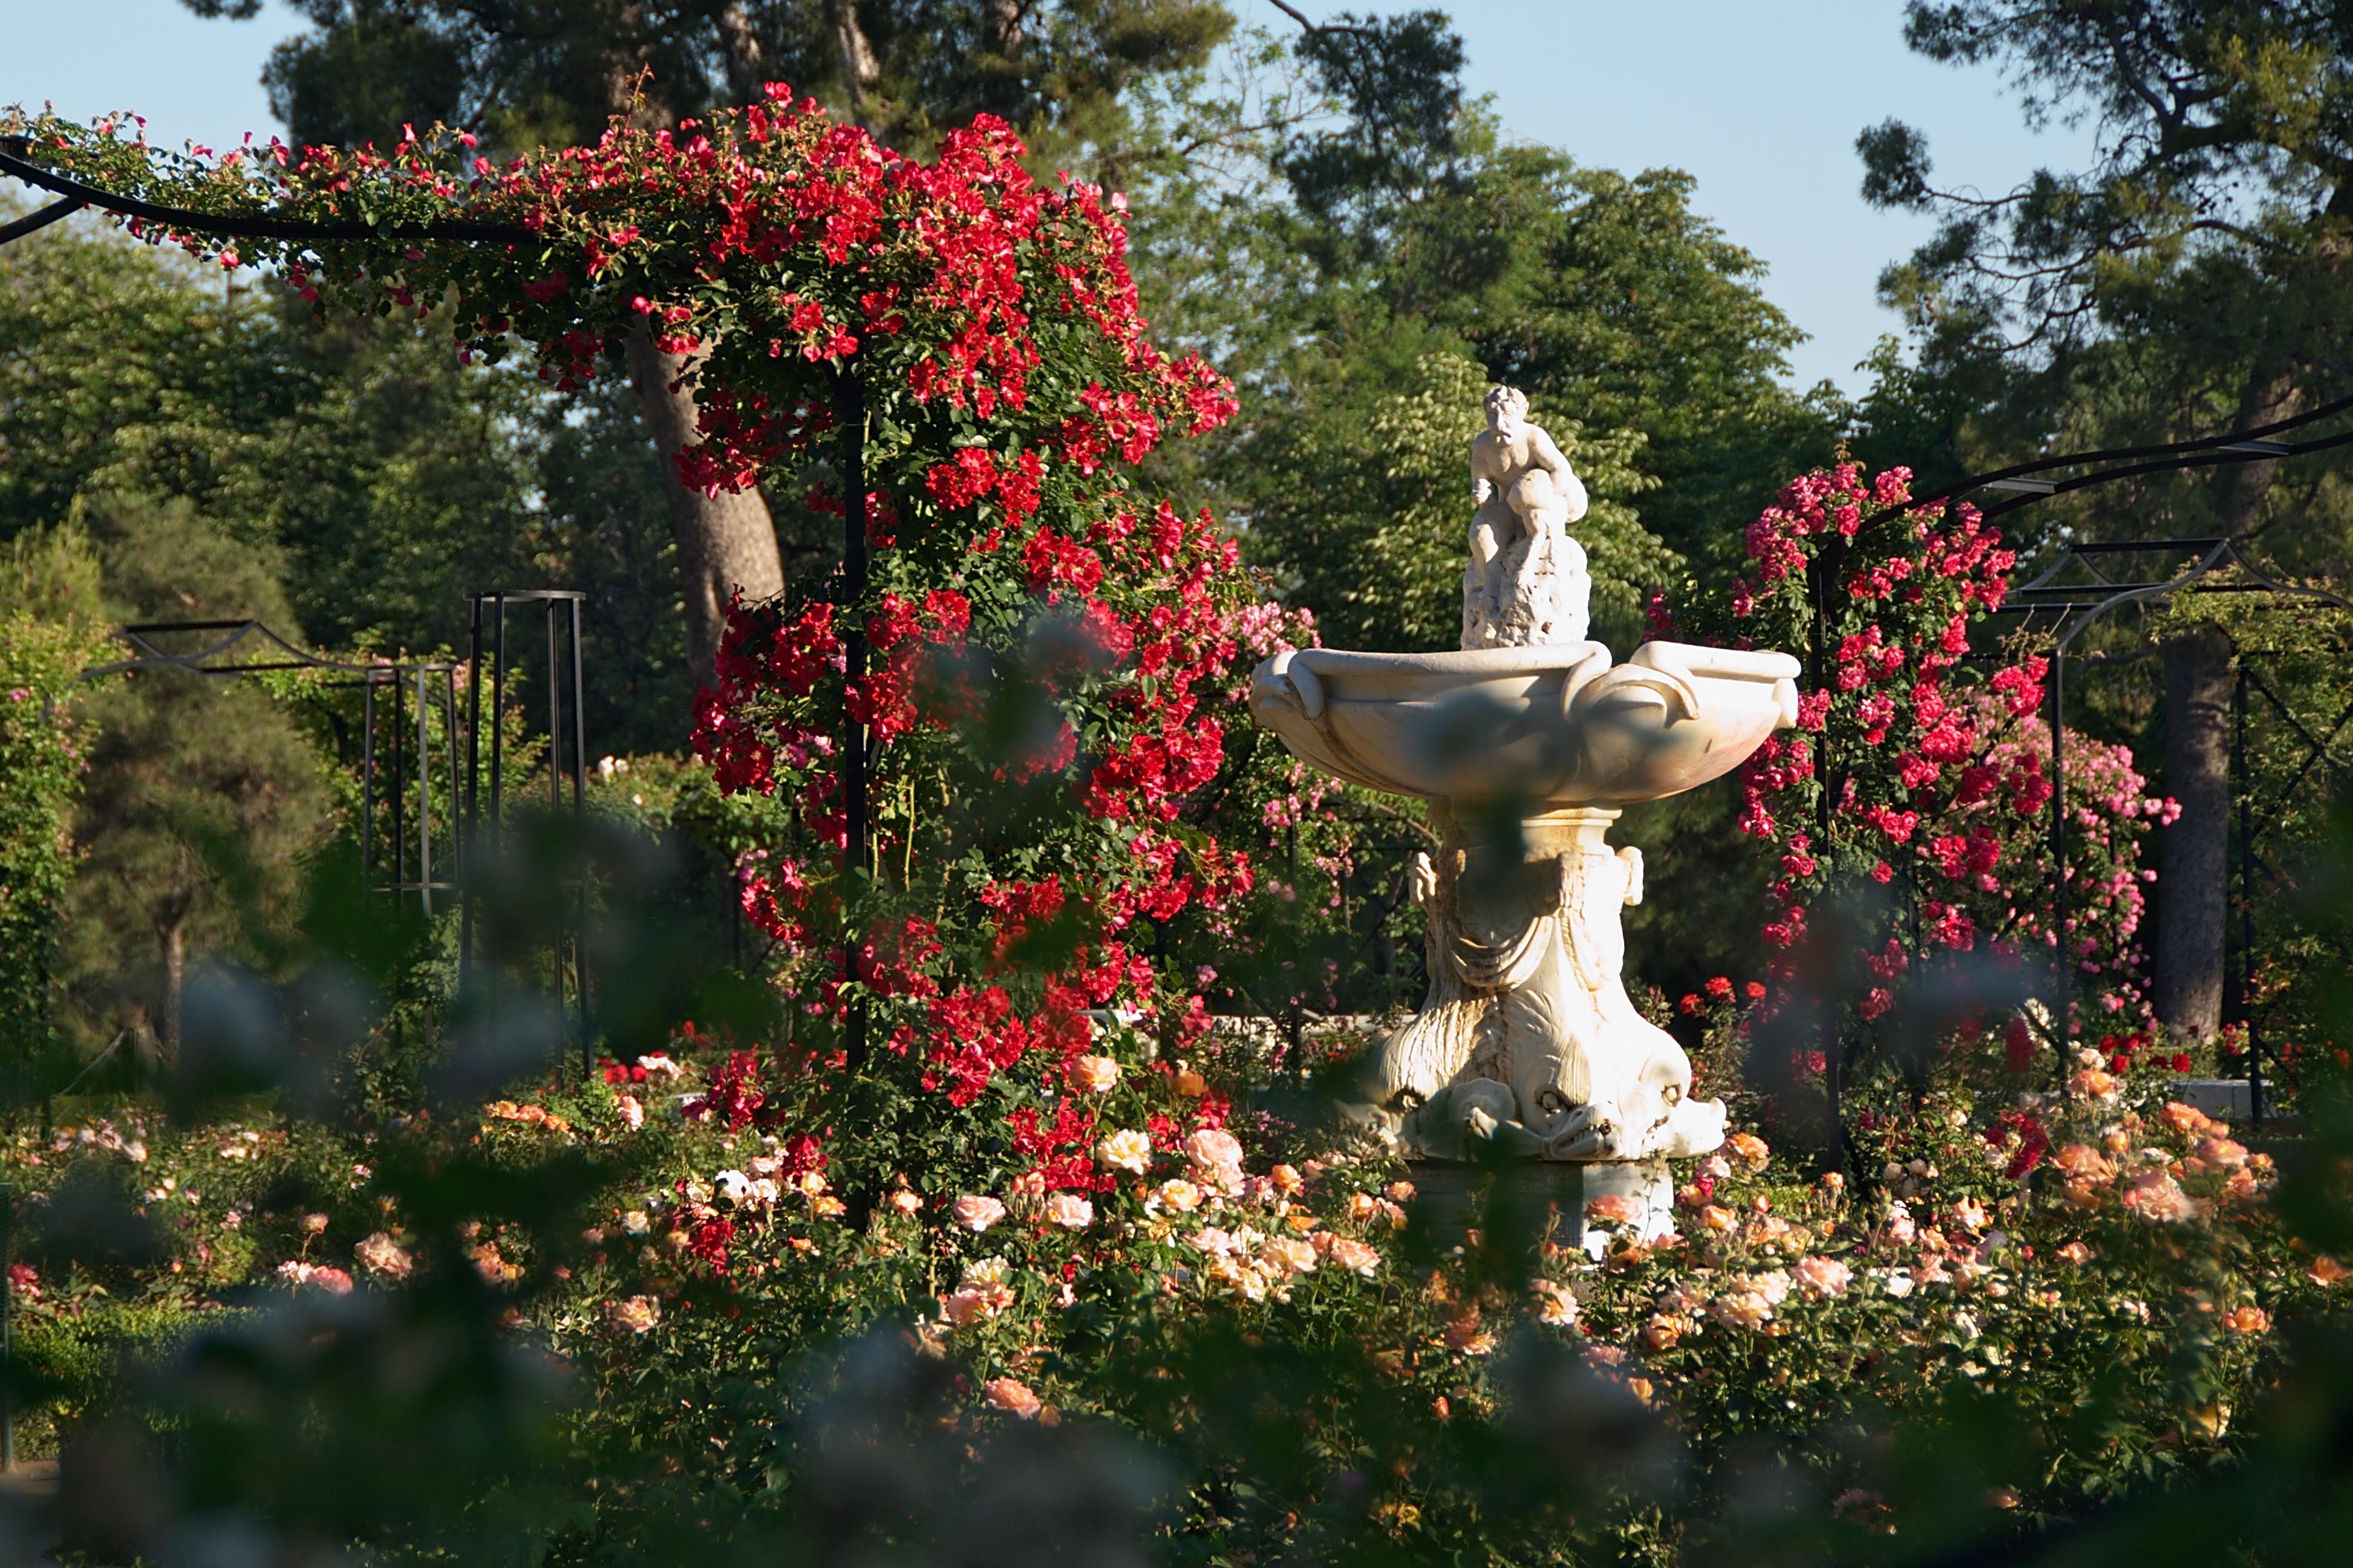 La Rosaleda, no Parque do Retiro, Madri, Espanha